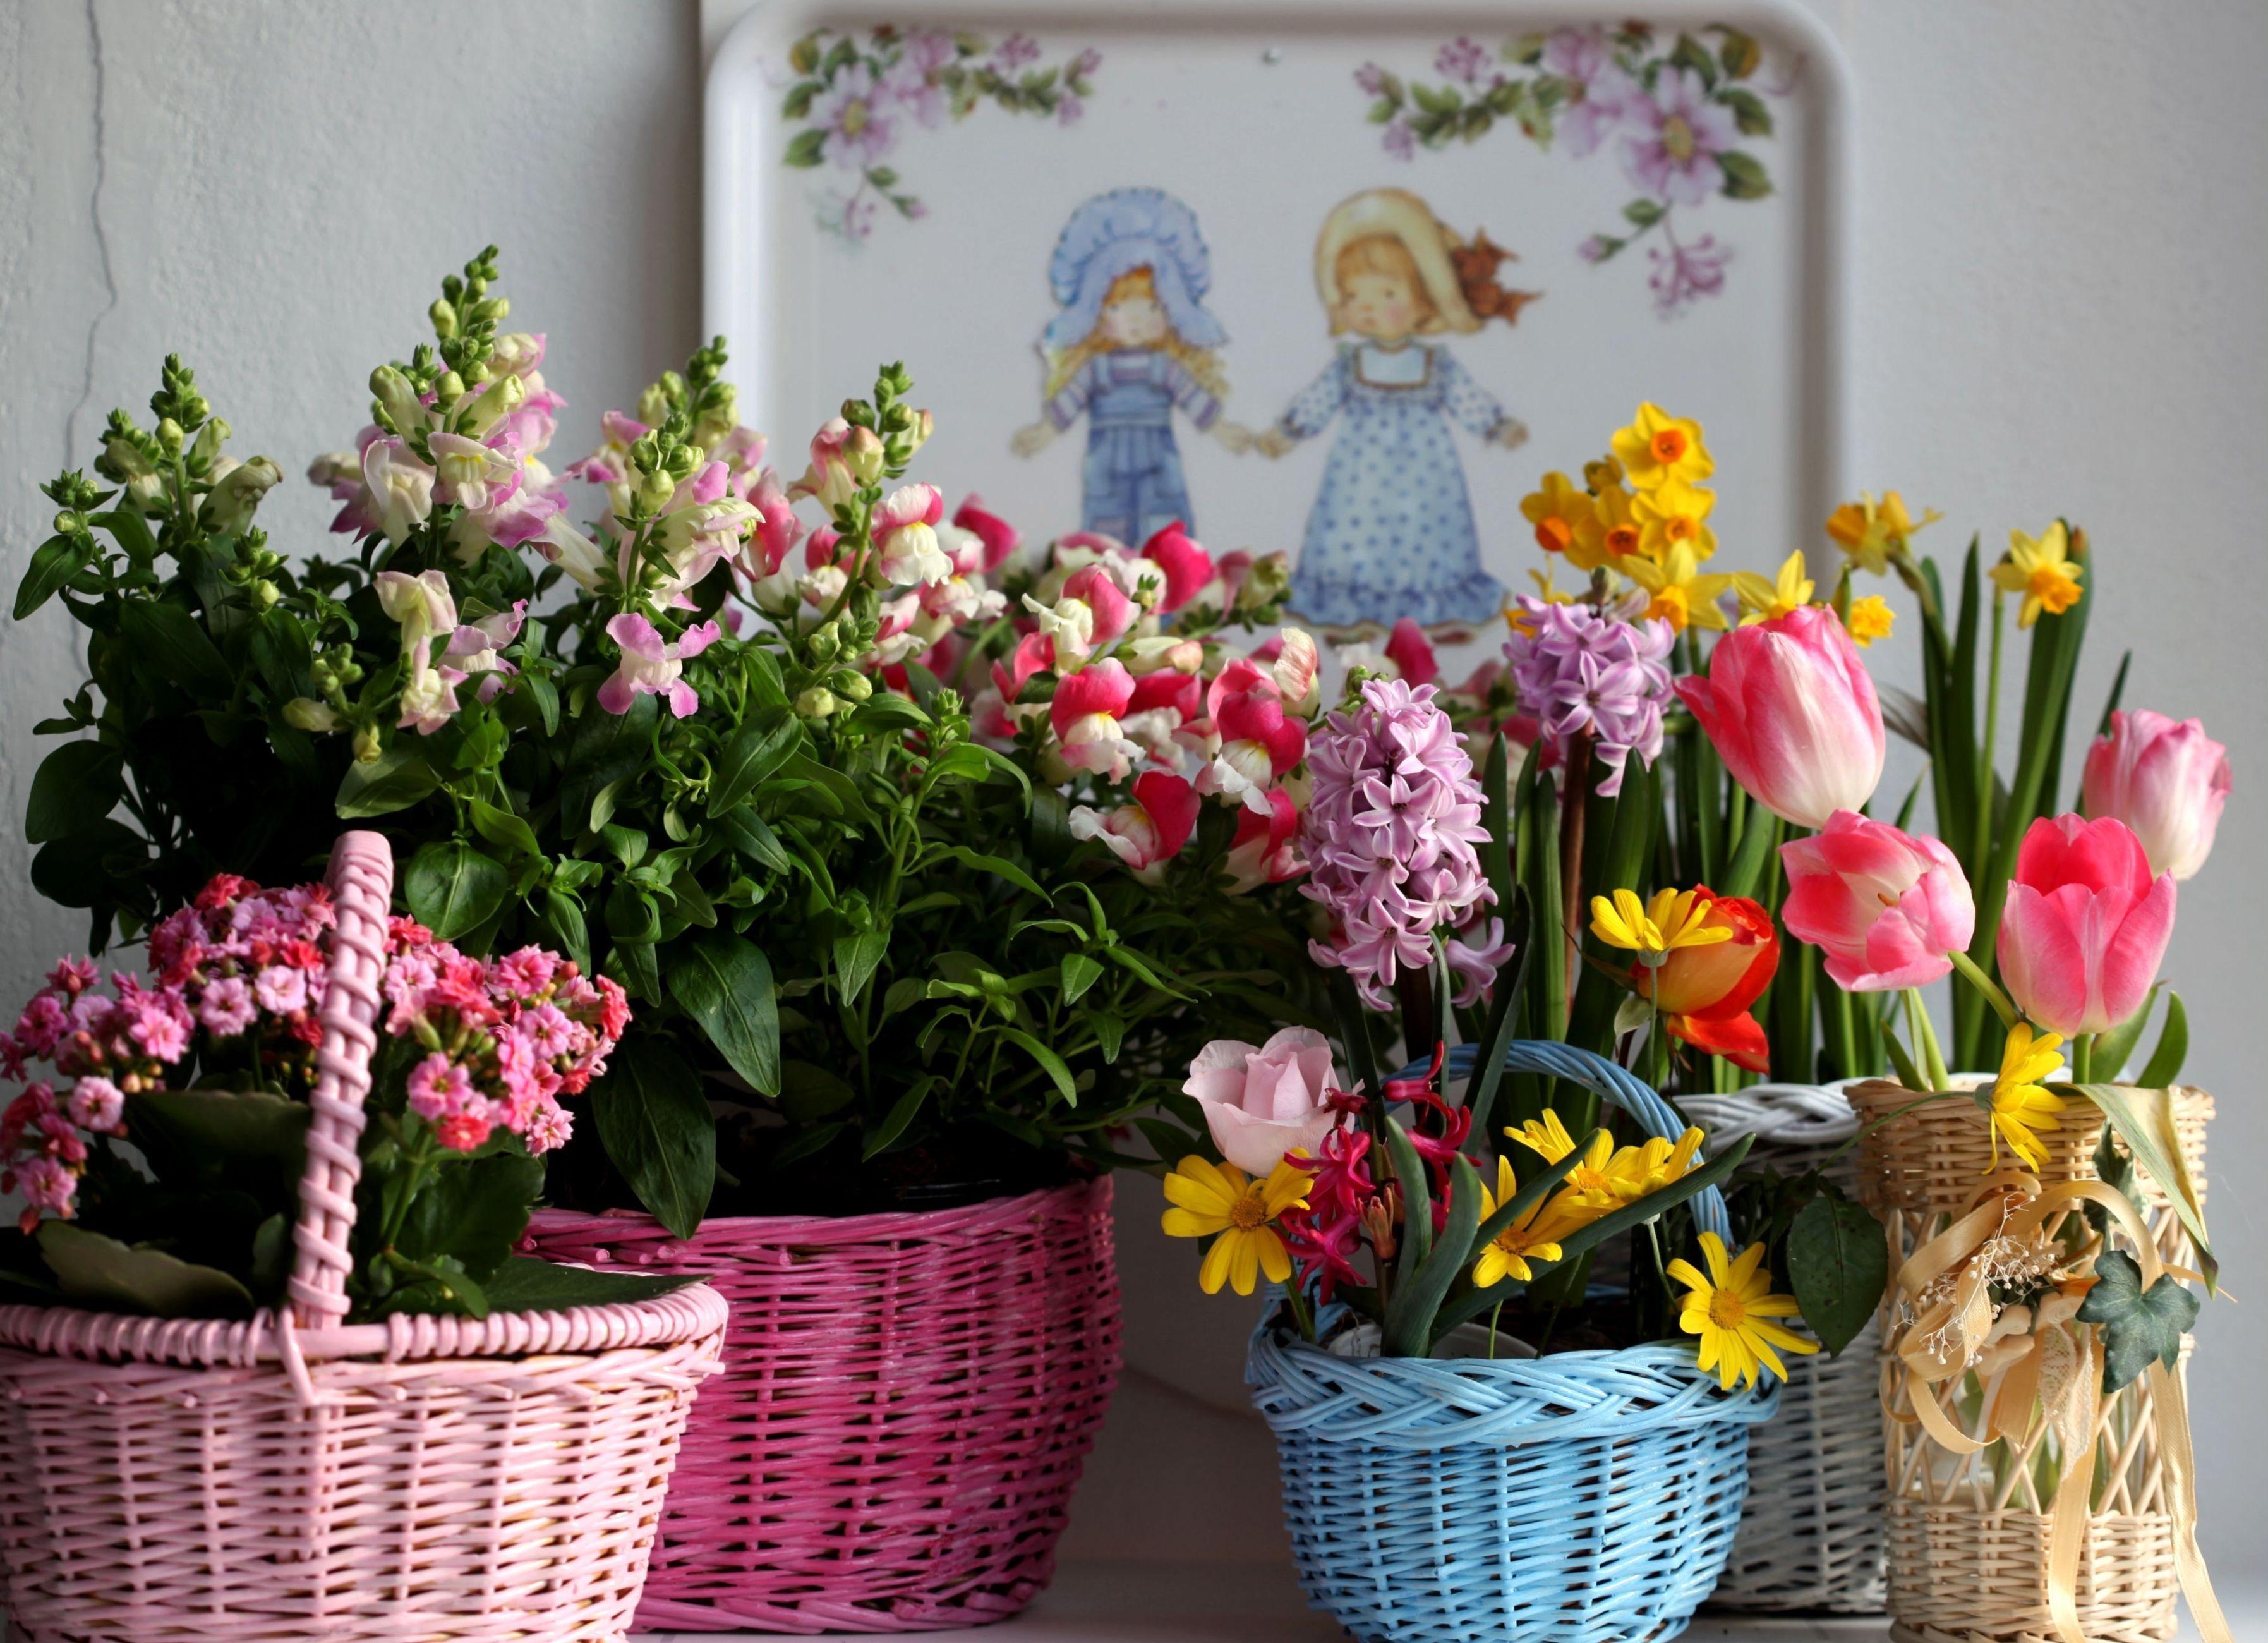 155683 Заставки и Обои Нарциссы на телефон. Скачать Тюльпаны, Цветы, Нарциссы, Гиацинт, Корзины, Разнообразие, Каланхоэ, Фрезия картинки бесплатно